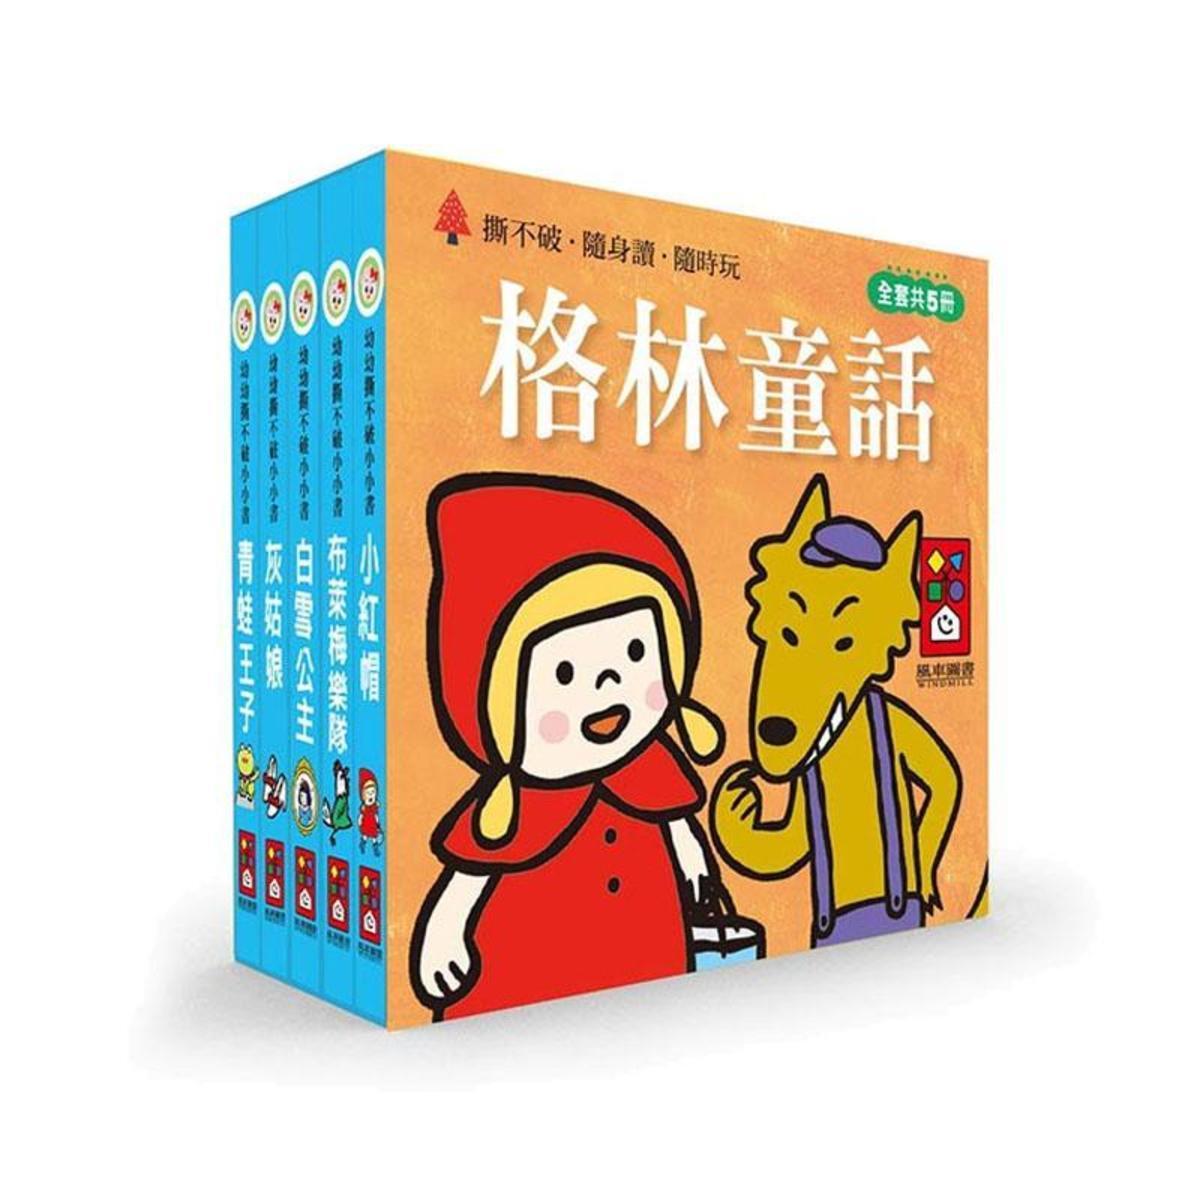 幼幼撕不破小小書 風車編輯群 台灣進口 (五款) - 格林童話